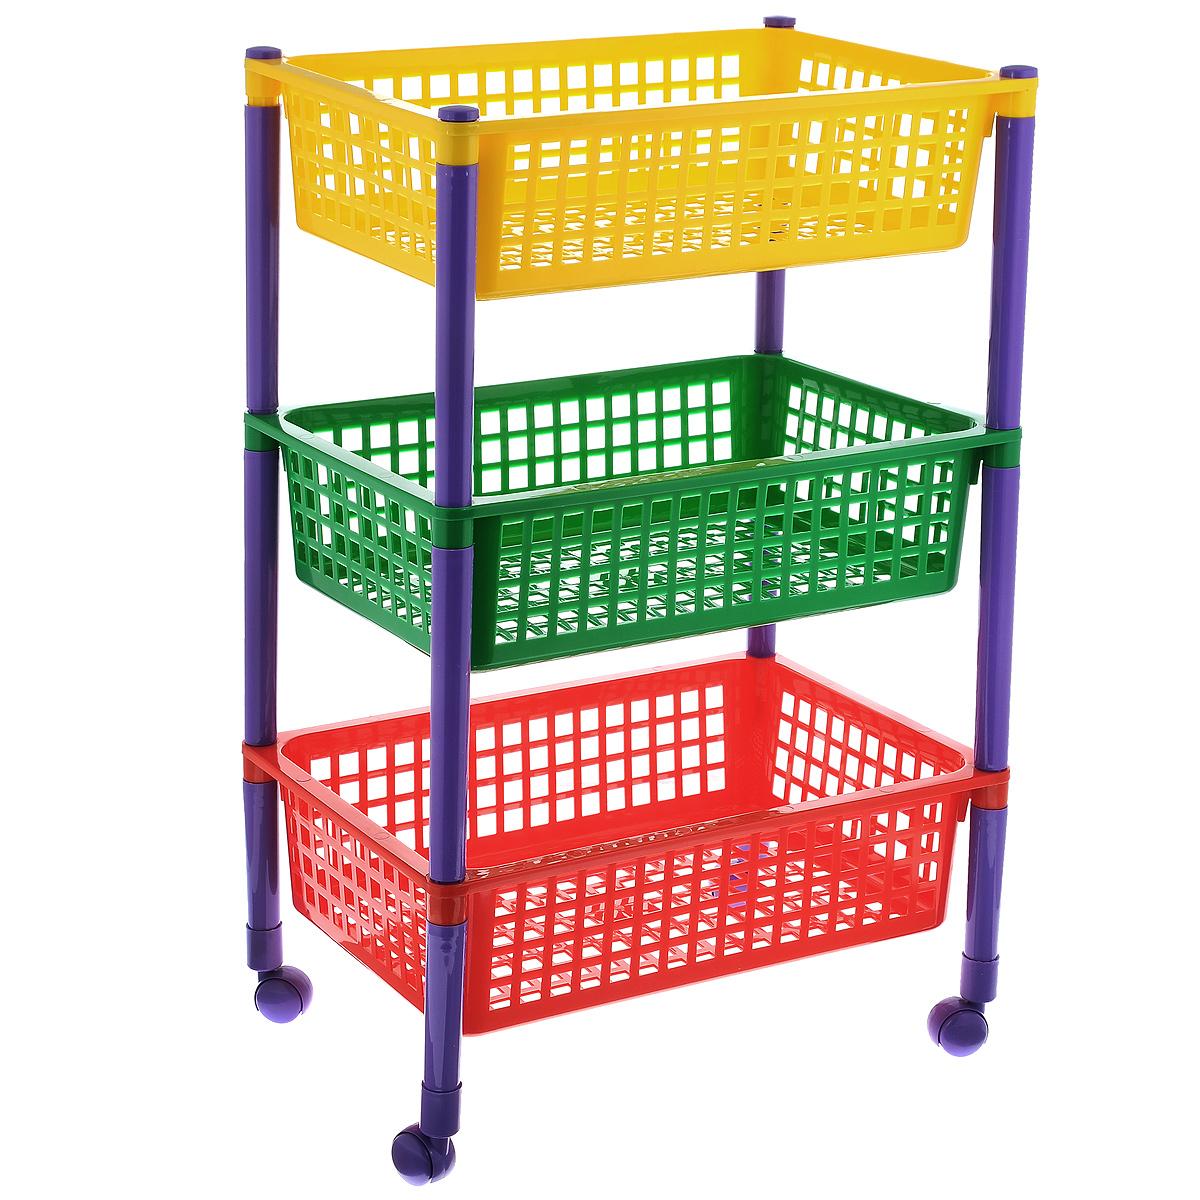 Контейнер для игрушек Малыш, 3-х секционный, на колесиках, 44 x 31 x 70 смС360Контейнер Малыш, выполненный из высококачественного пластика, предназначен для хранения игрушек. Контейнер состоит из трех перфорированных секций разного цвета. Вместительные полки позволят компактно хранить детские игрушки, а также защитят их от пыли, грязи и влаги. Контейнер оснащен колесиками, поэтому его очень легко двигать.Размер в сложенном виде: 44 см х 31 см х 20 см. Размер в собранном виде: 44 см x 31 см x 70 см. Размер корзинки: 44 см x 31 см x 12 см.